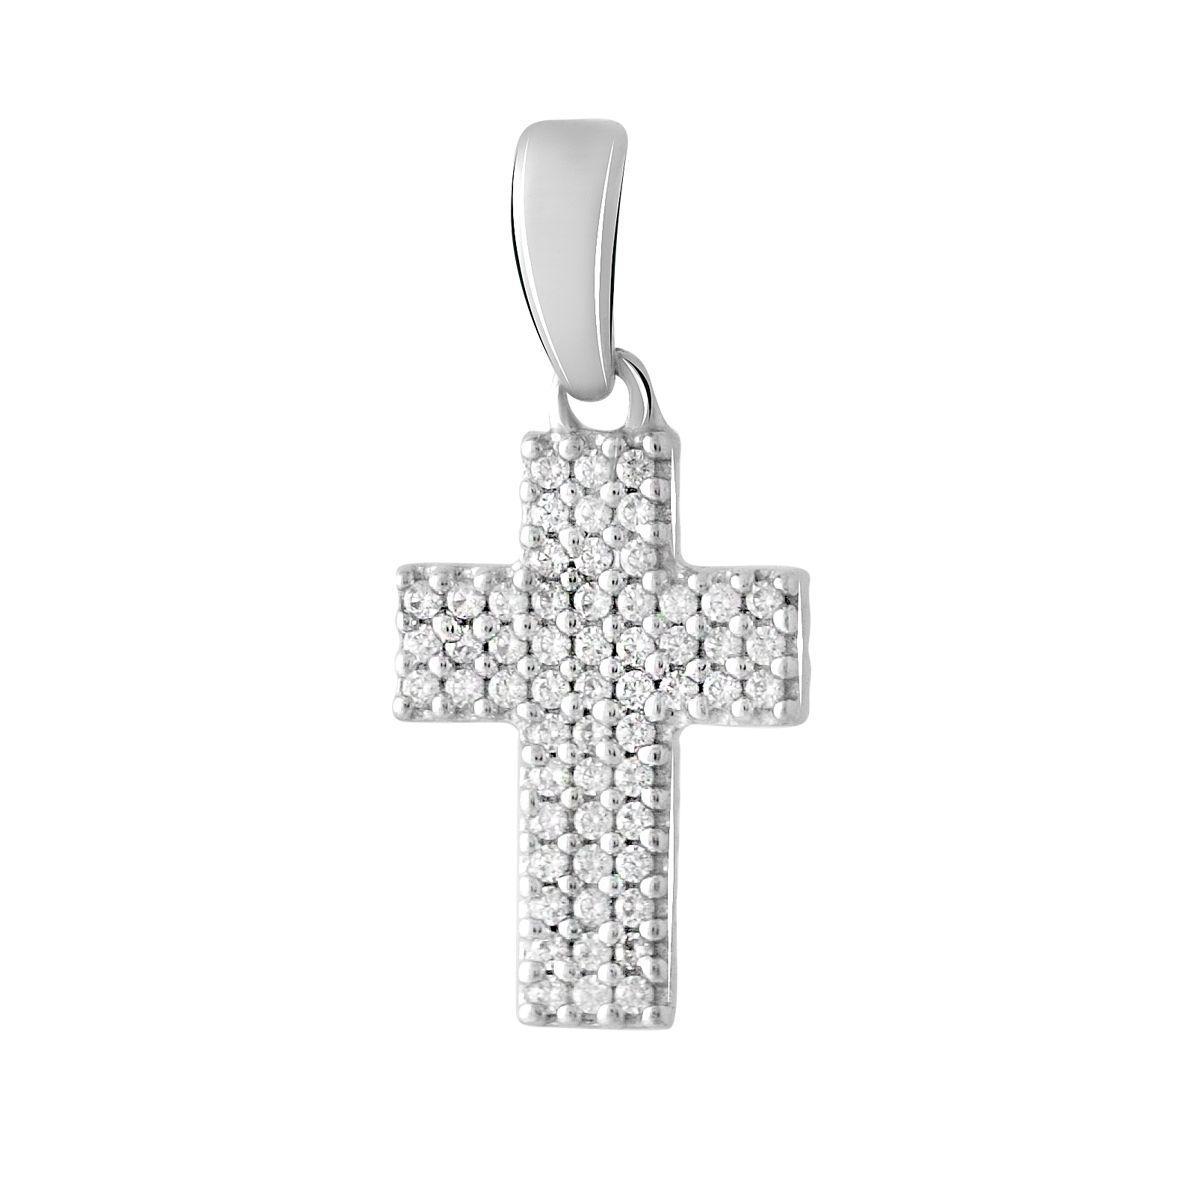 Срібний хрестик DreamJewelry з фіанітами (2064848)